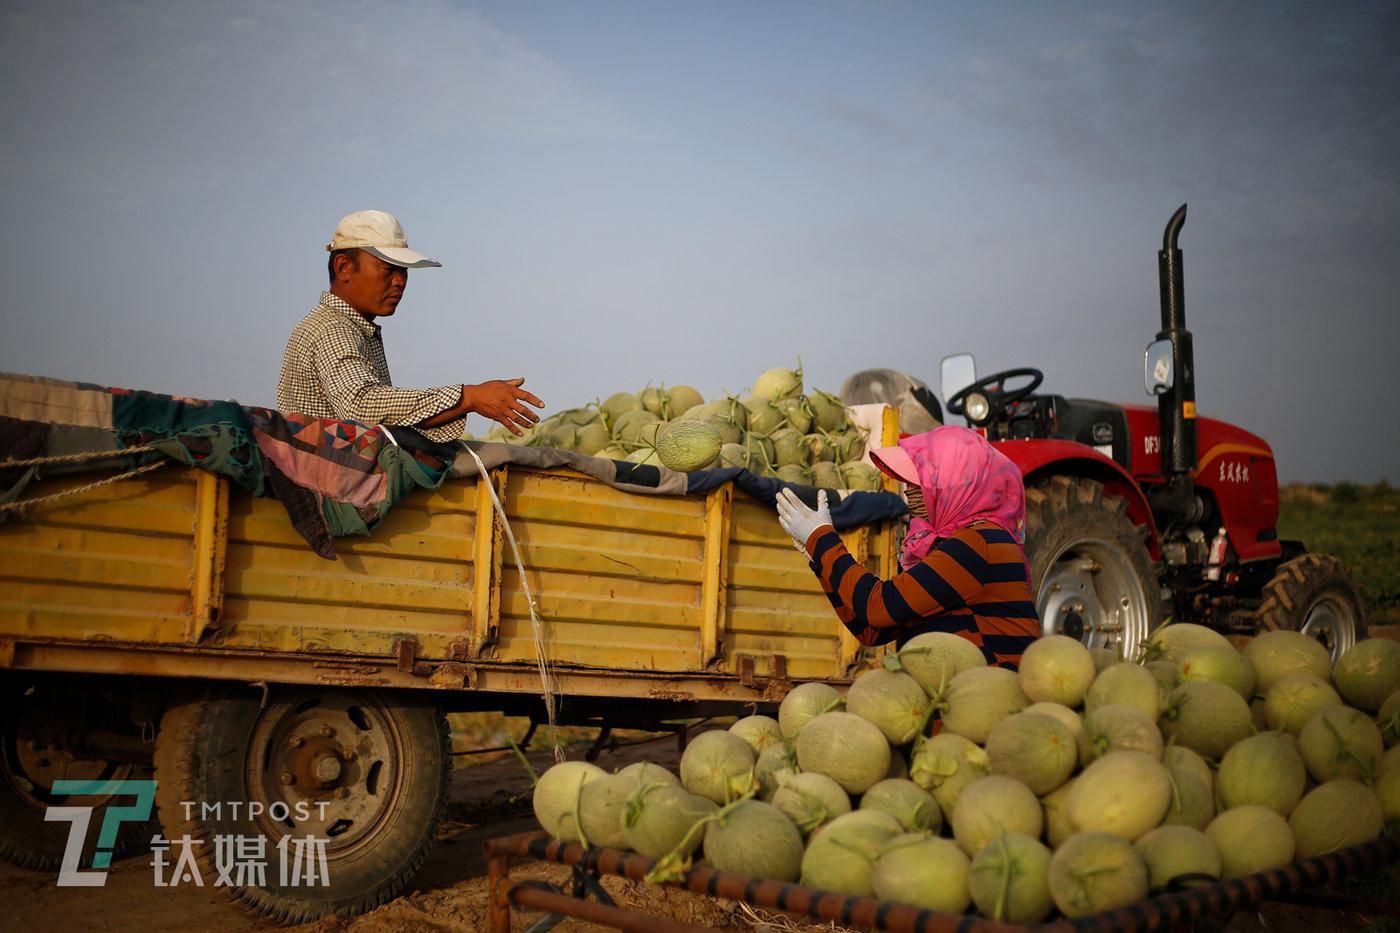 装满瓜的四轮车被推到田埂边,夫妻俩配合着,一个扔瓜一个摞瓜,将瓜一个个装上拖拉机的拖车上。